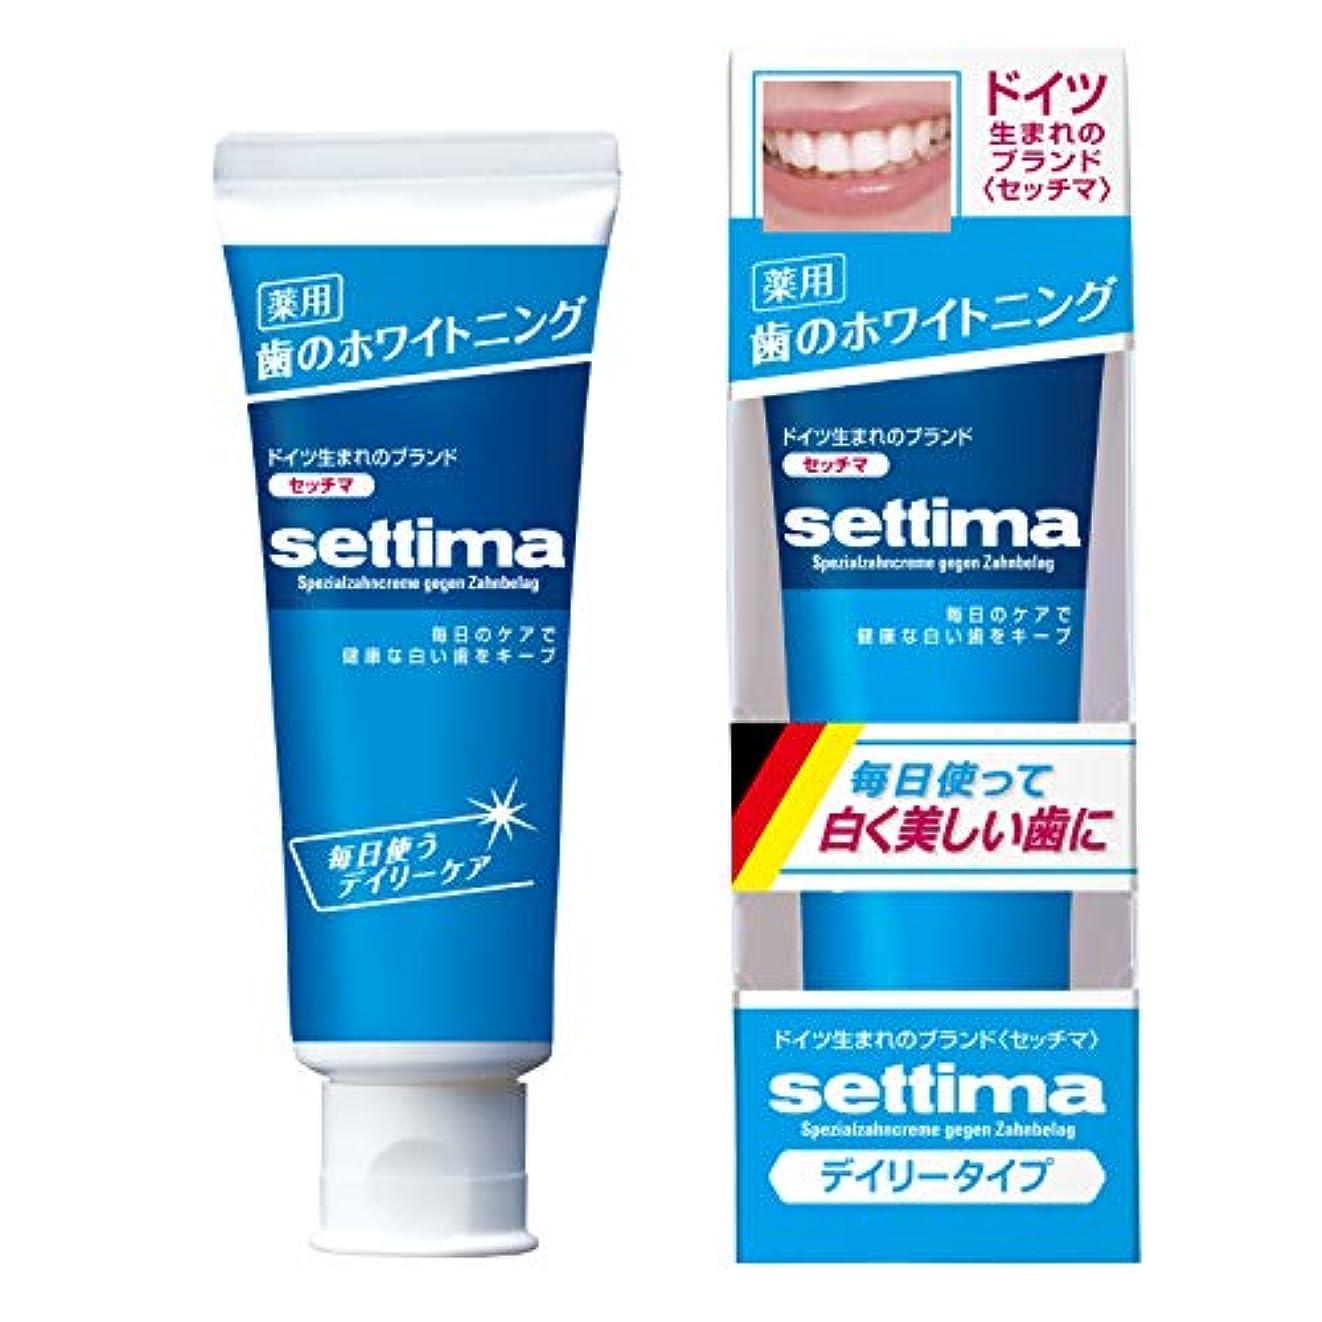 手術恐れるヘビー[医薬部外品] settima(セッチマ) ホワイトニング 歯みがき デイリーケア [ファインミントタイプ] <ステインケア タバコのヤニ取り フッ素配合 虫歯予防> 80g